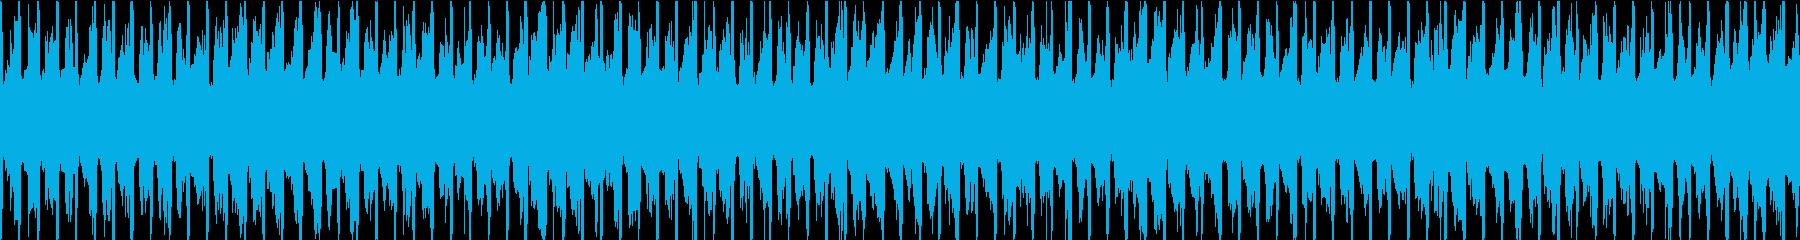 明日への活力をイメージしたBGMの再生済みの波形